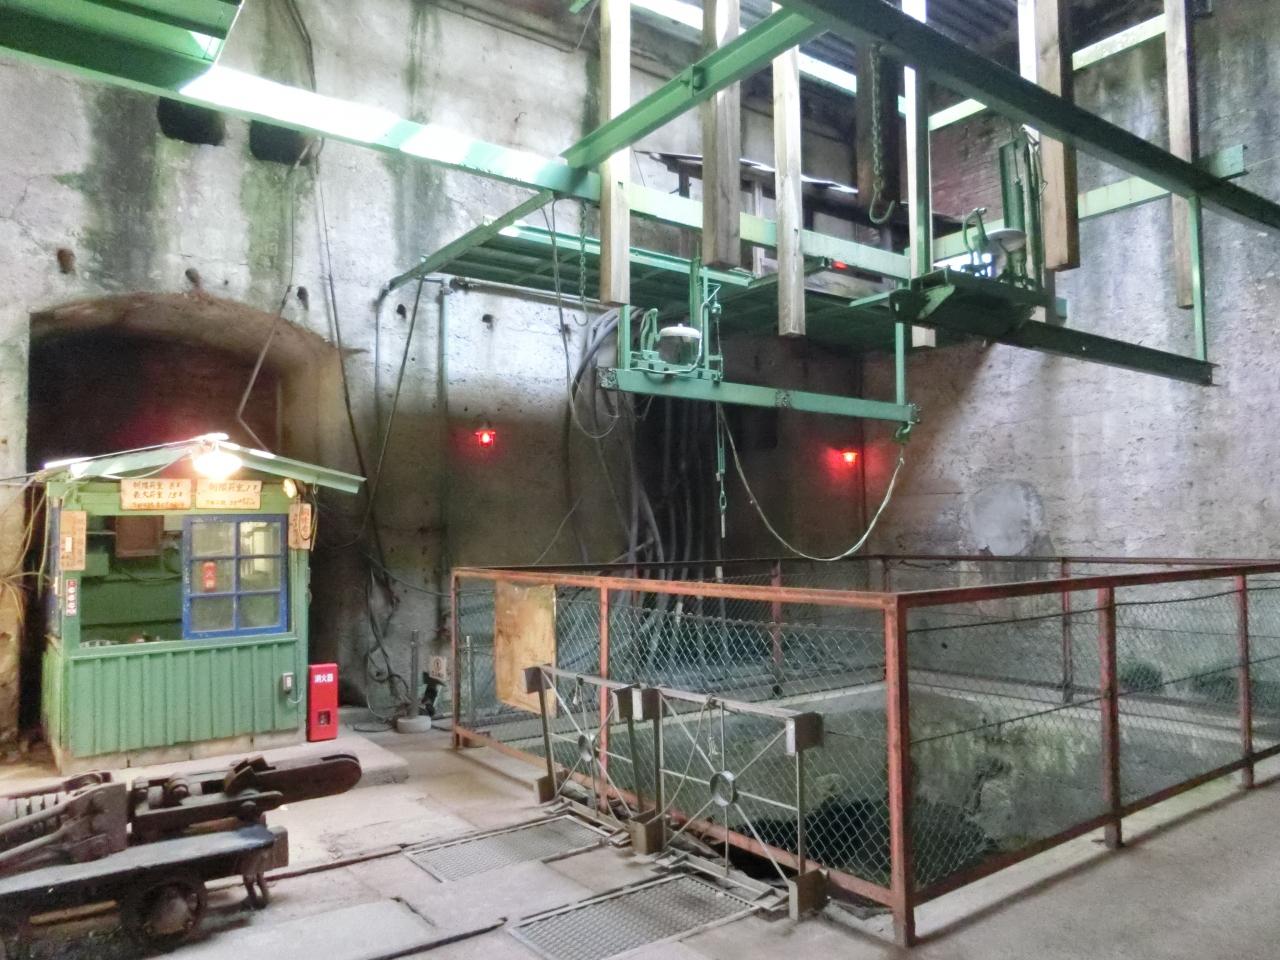 三井三池炭鉱の画像 p1_39